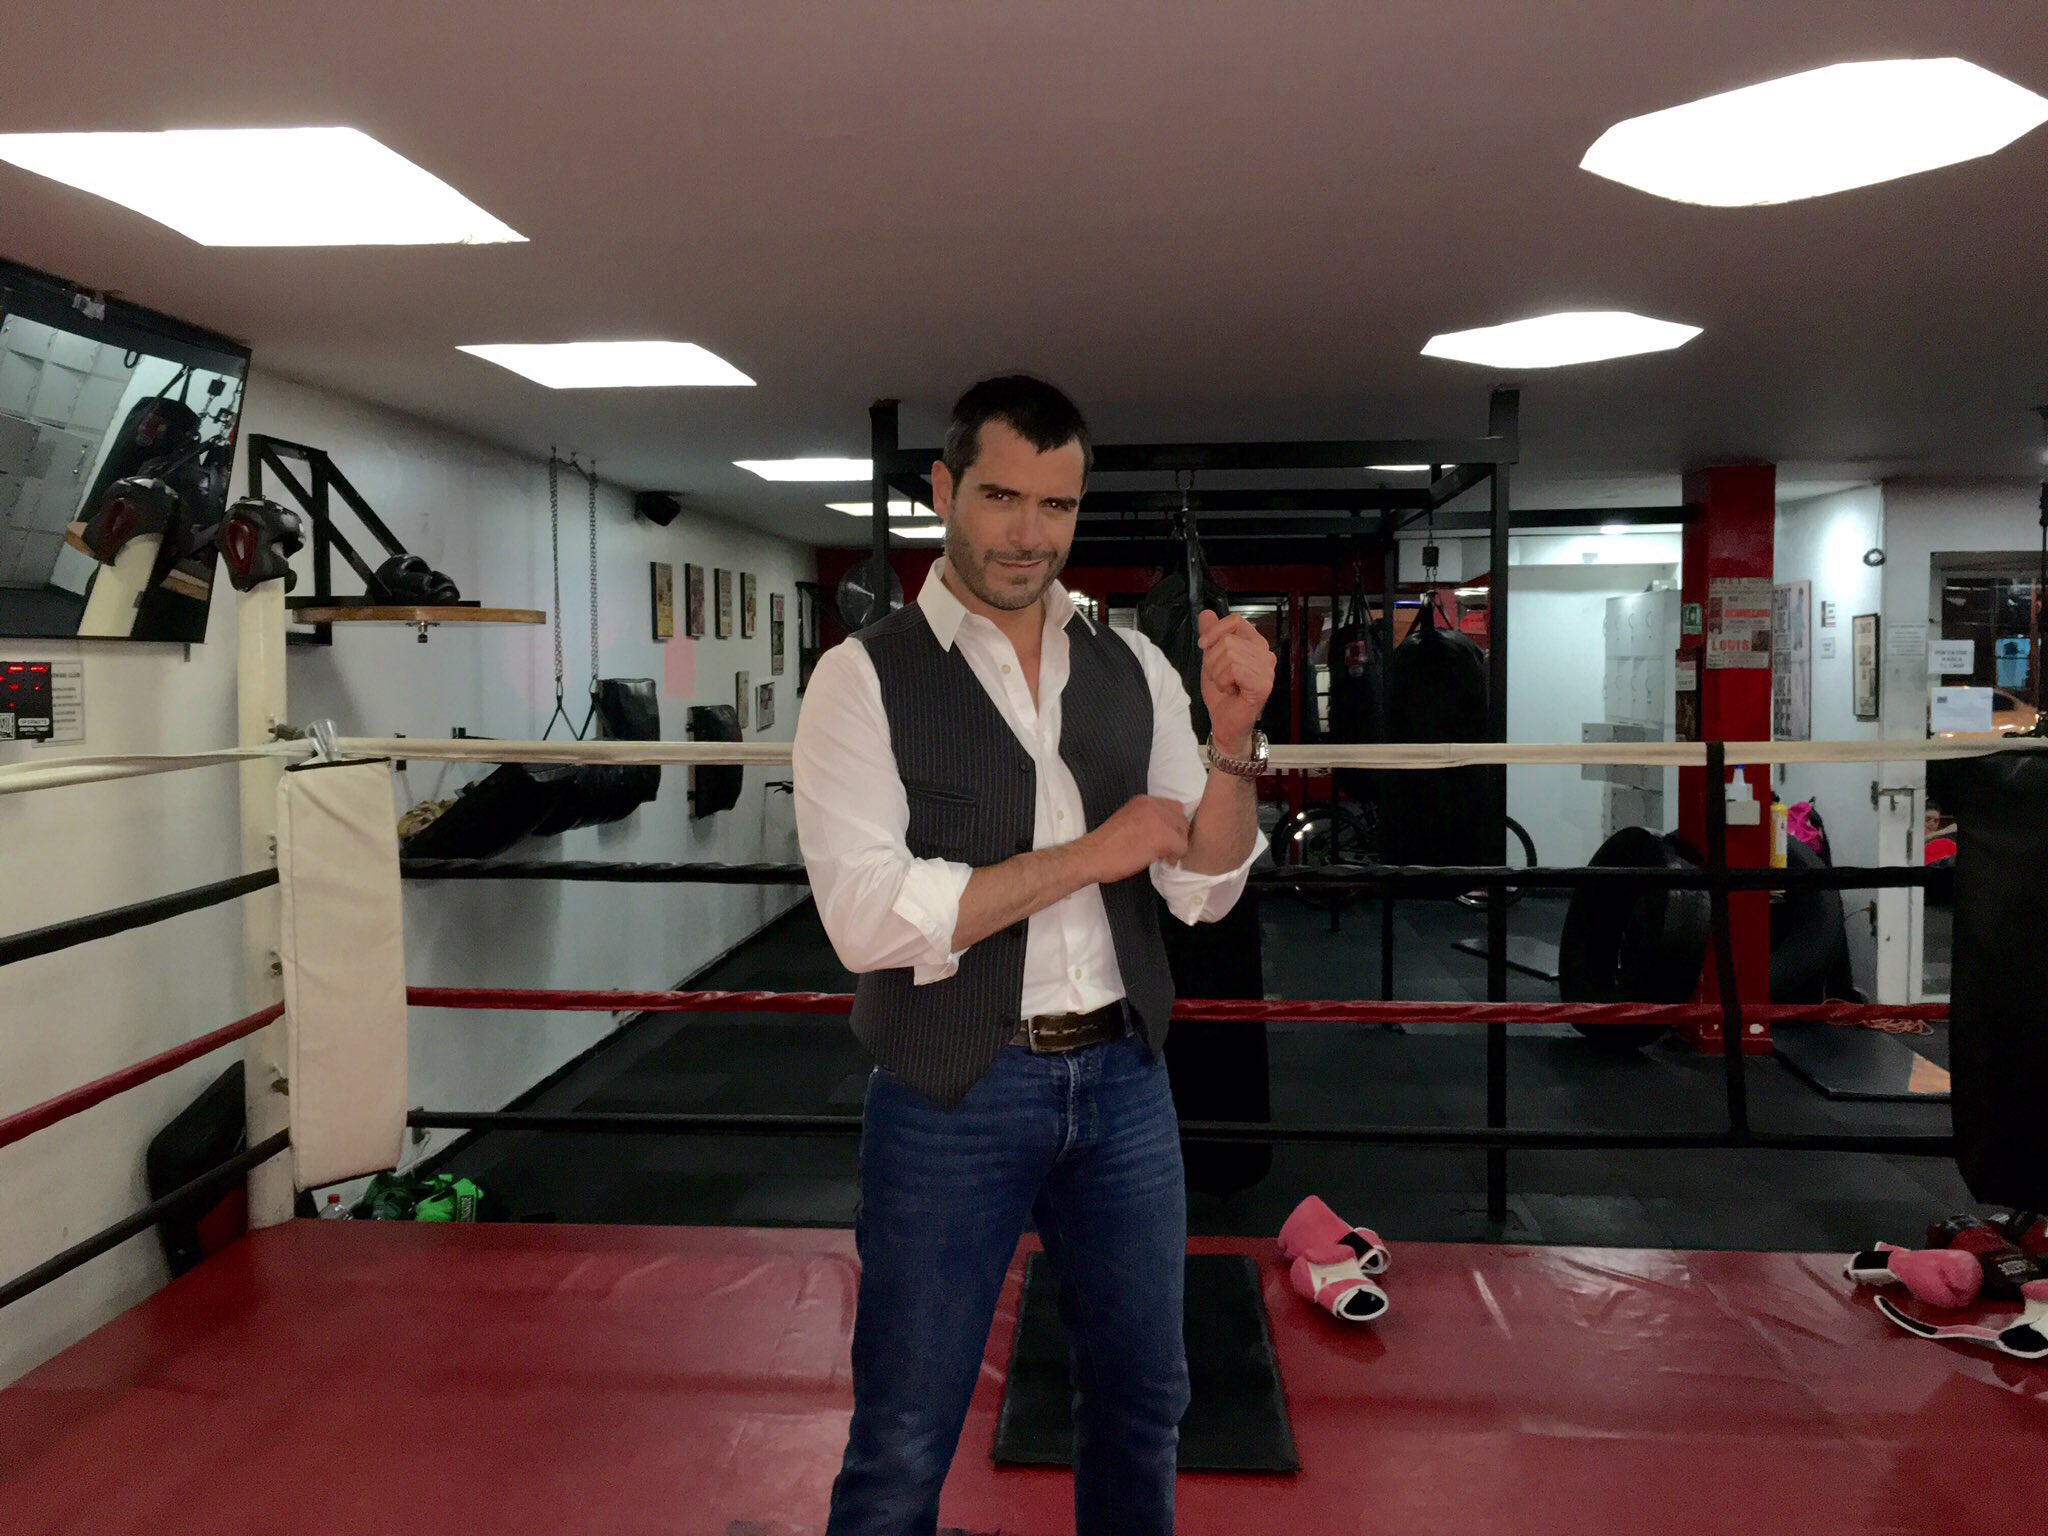 #photoshoot en el #Gimnasio que esta a la vanguardia en entrenamiento físico  @inboxboxingclub NovoaRafaell 👍👊 https://t.co/fJY44ThP7d